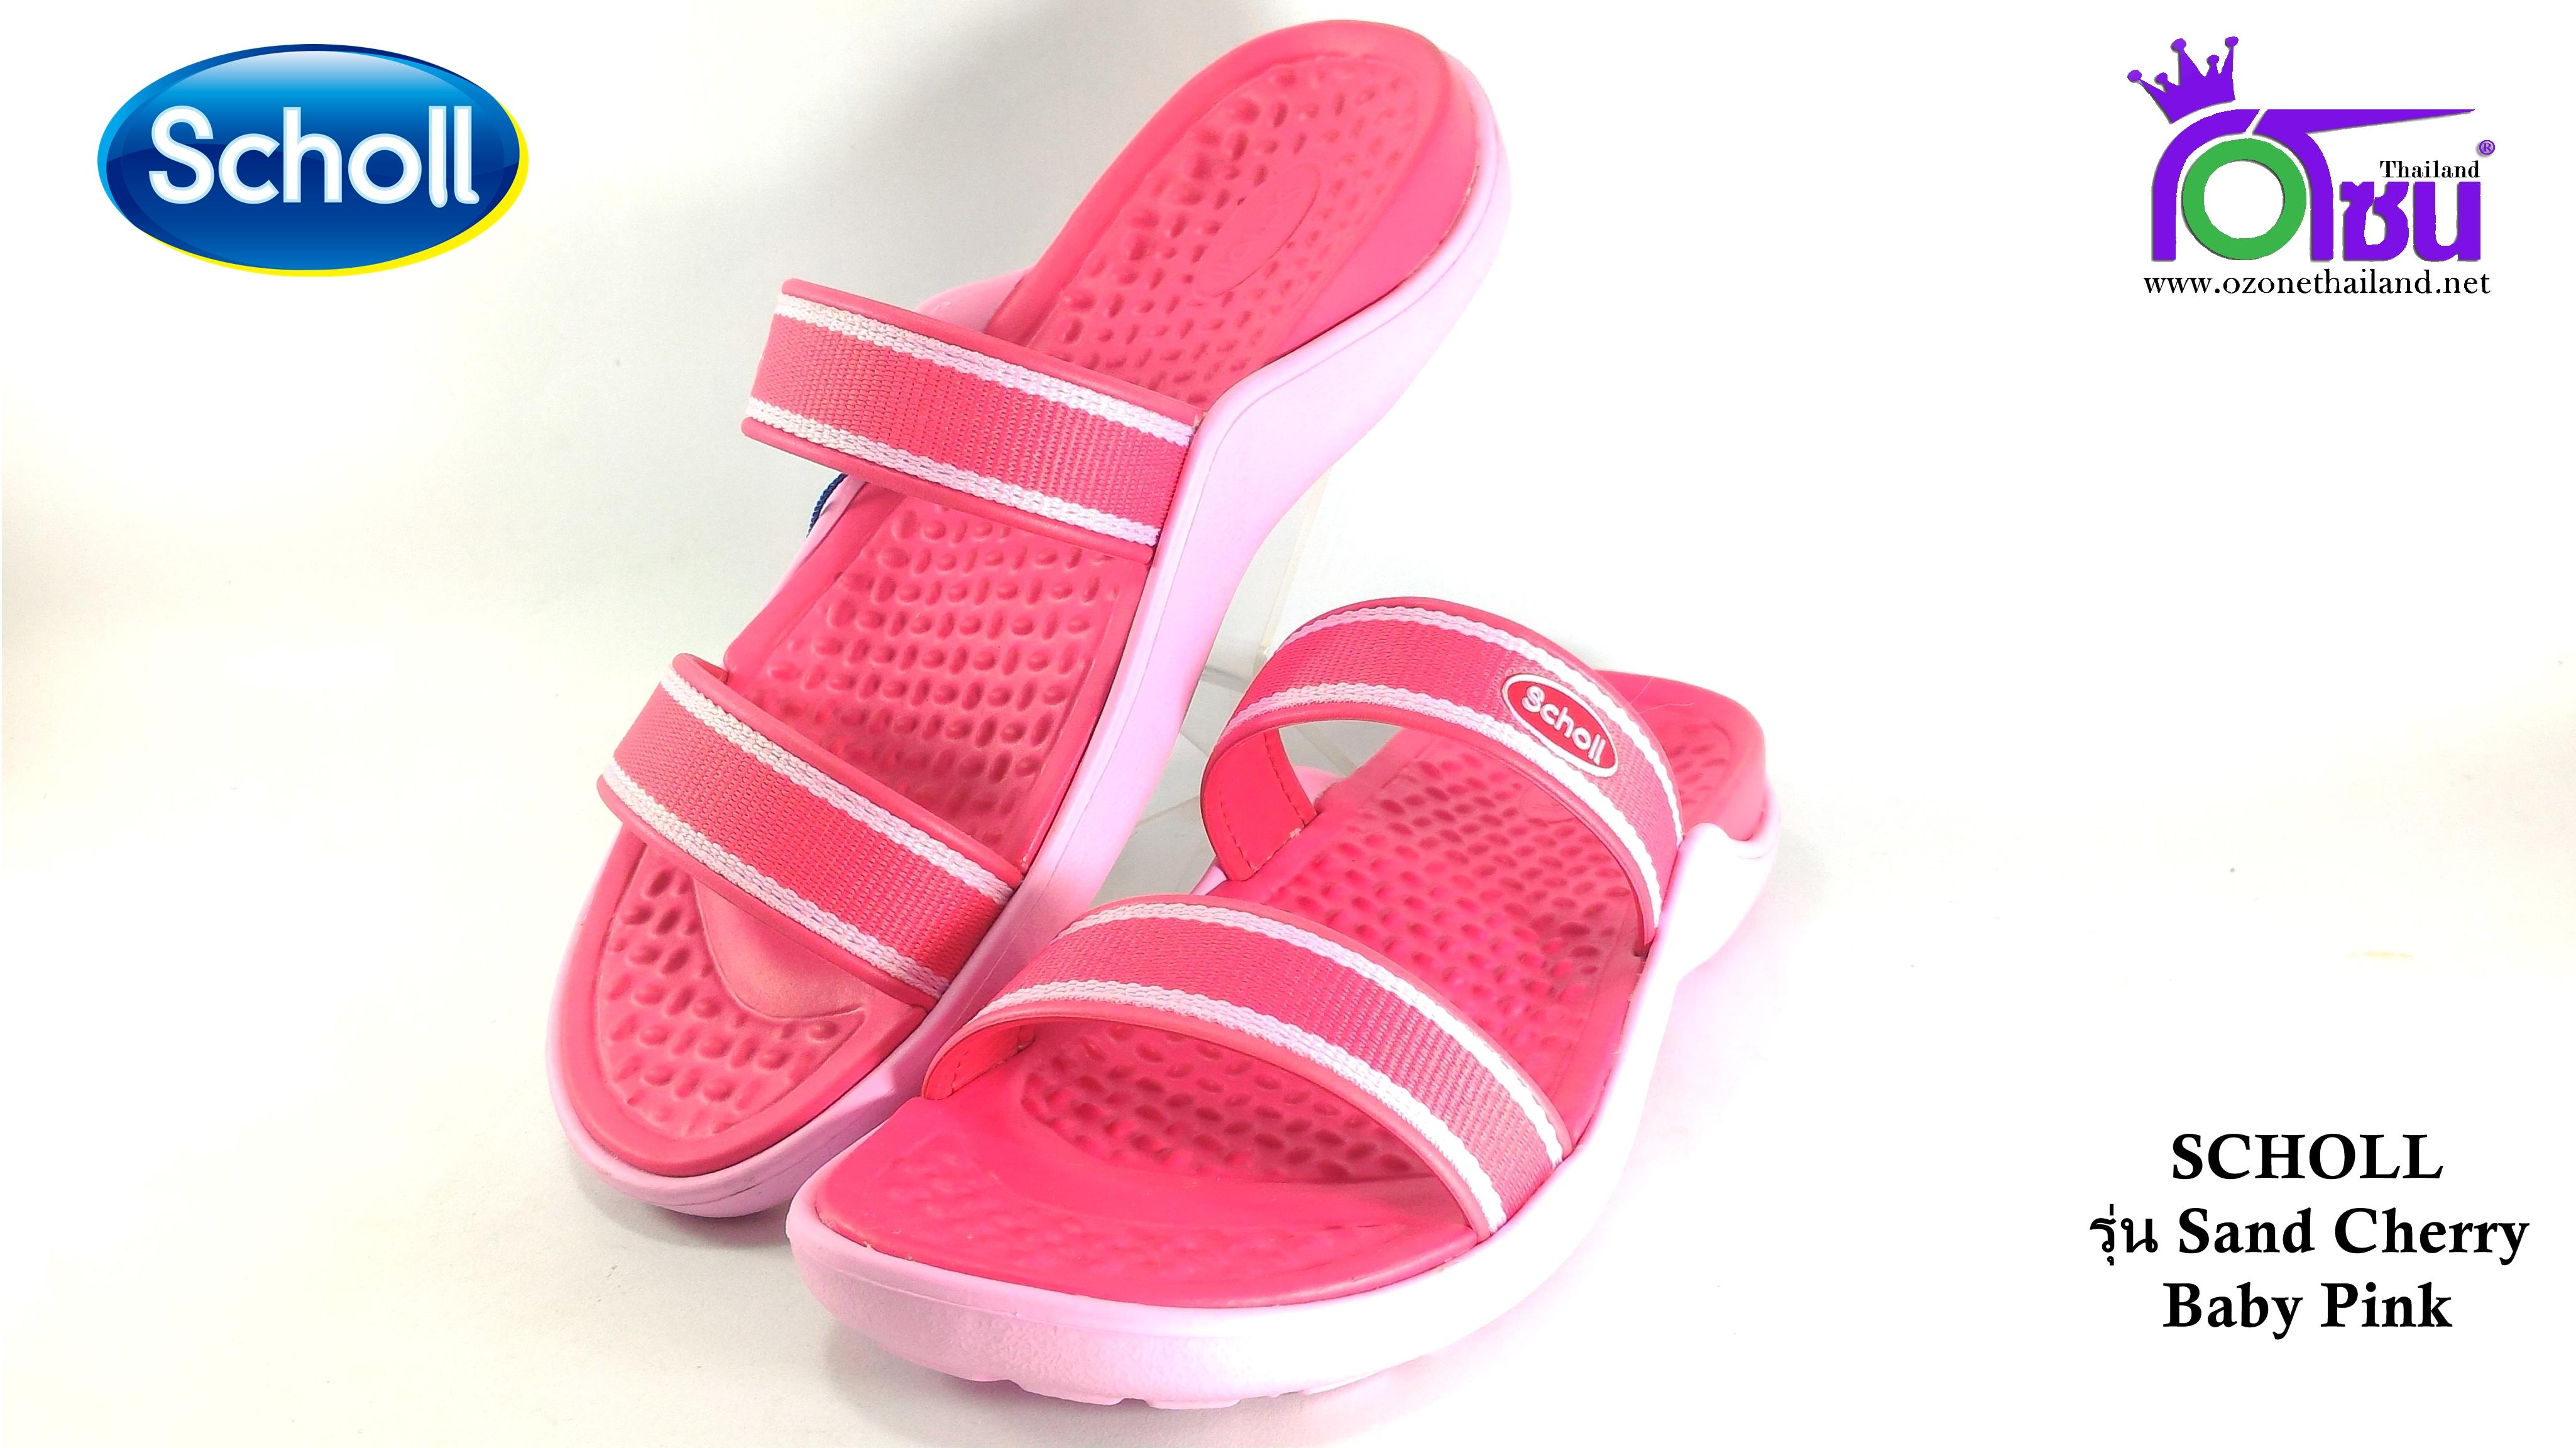 รองเท้า scholl sand สกอล์แชนด์ สีชมพู เบอร์2-6